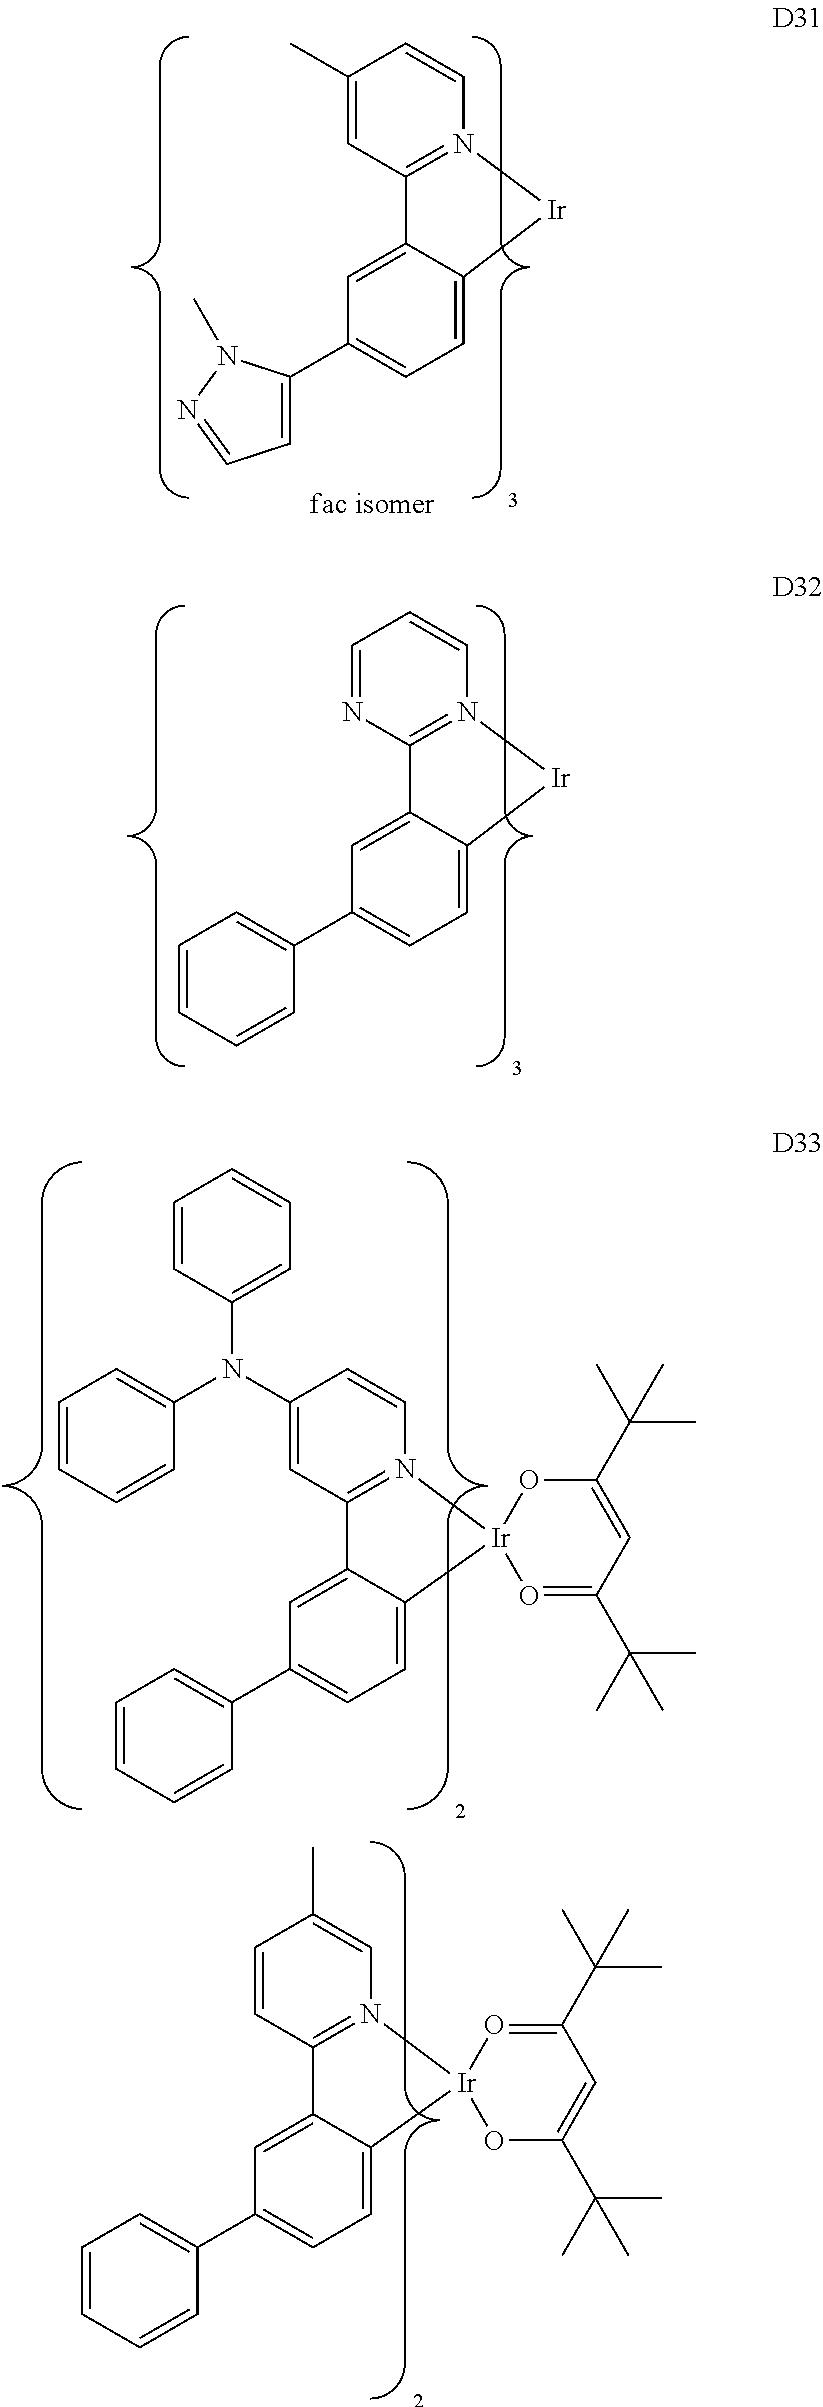 Figure US09496506-20161115-C00016